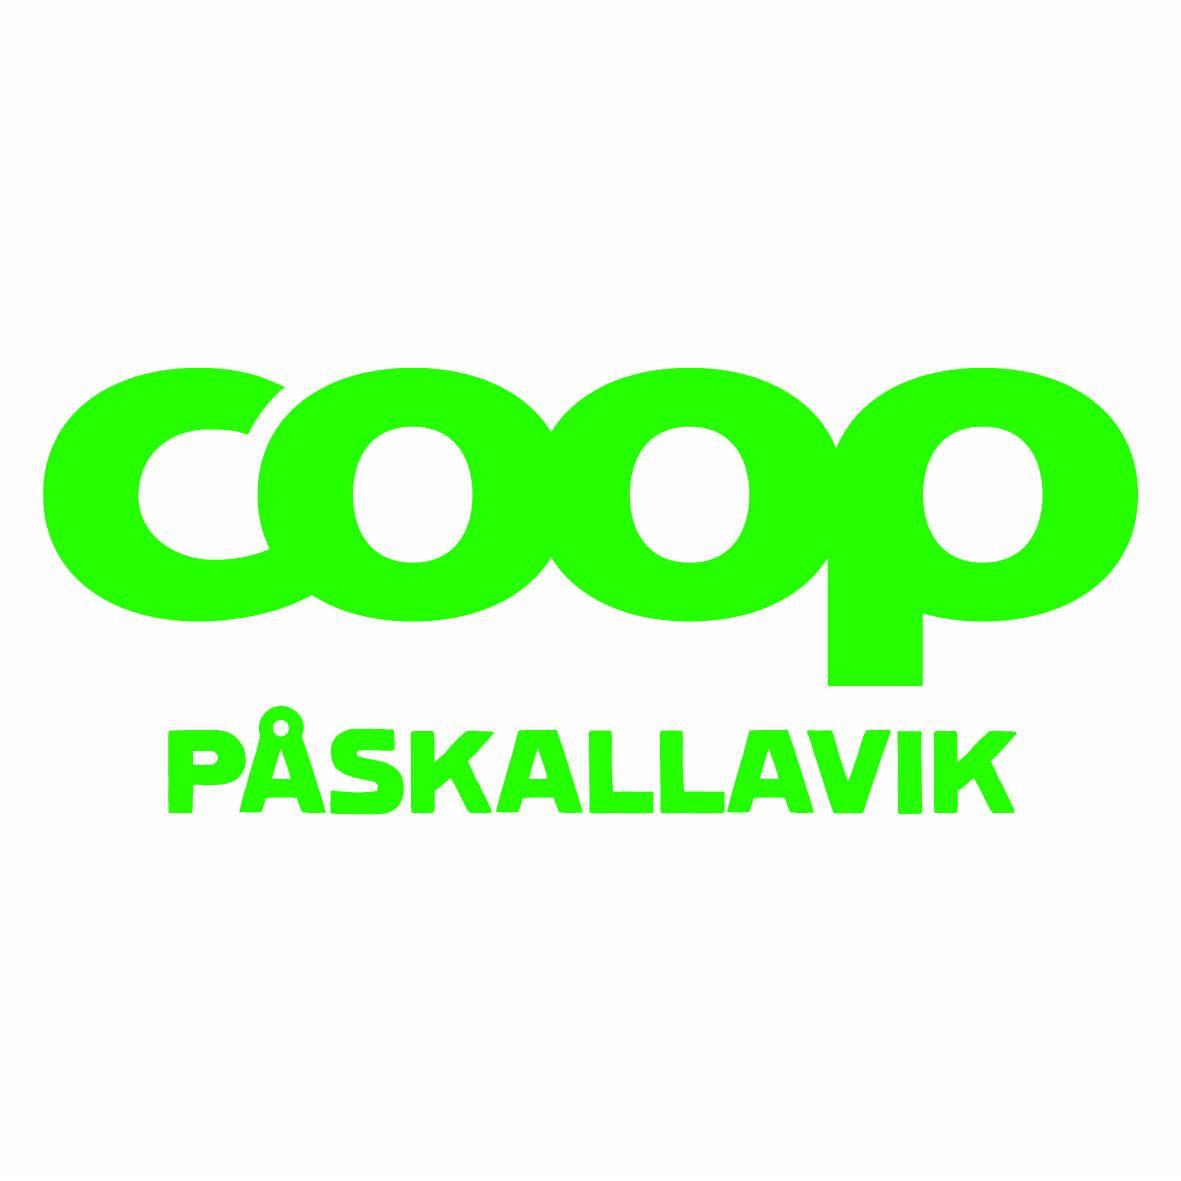 Coop Påskallavik